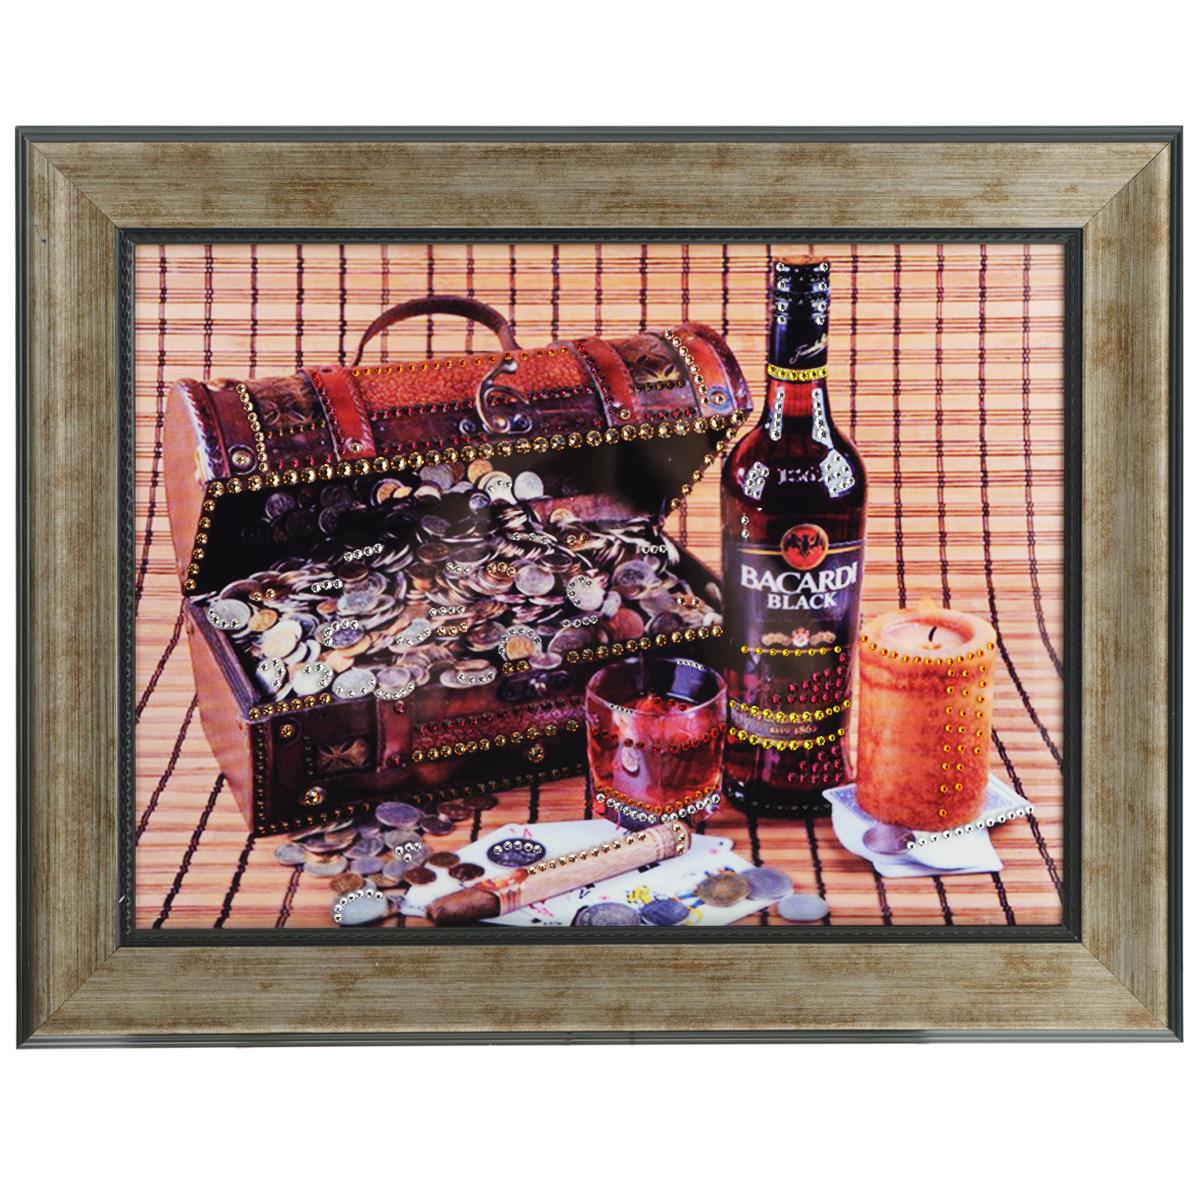 Картина с кристаллами Swarovski Мужской набор, 49 см х 39 смAG 40-13Изящная картина в багетной раме, инкрустирована кристаллами Swarovski, которые отличаются четкой и ровной огранкой, ярким блеском и чистотой цвета. Красочное изображение сундучка с деньгами, бутылки виски и сигары, расположенное под стеклом, прекрасно дополняет блеск кристаллов. С обратной стороны имеется металлическая проволока для размещения картины на стене. Картина с кристаллами Swarovski Мужской набор элегантно украсит интерьер дома или офиса, а также станет прекрасным подарком, который обязательно понравится получателю. Блеск кристаллов в интерьере, что может быть сказочнее и удивительнее. Картина упакована в подарочную картонную коробку синего цвета и комплектуется сертификатом соответствия Swarovski.